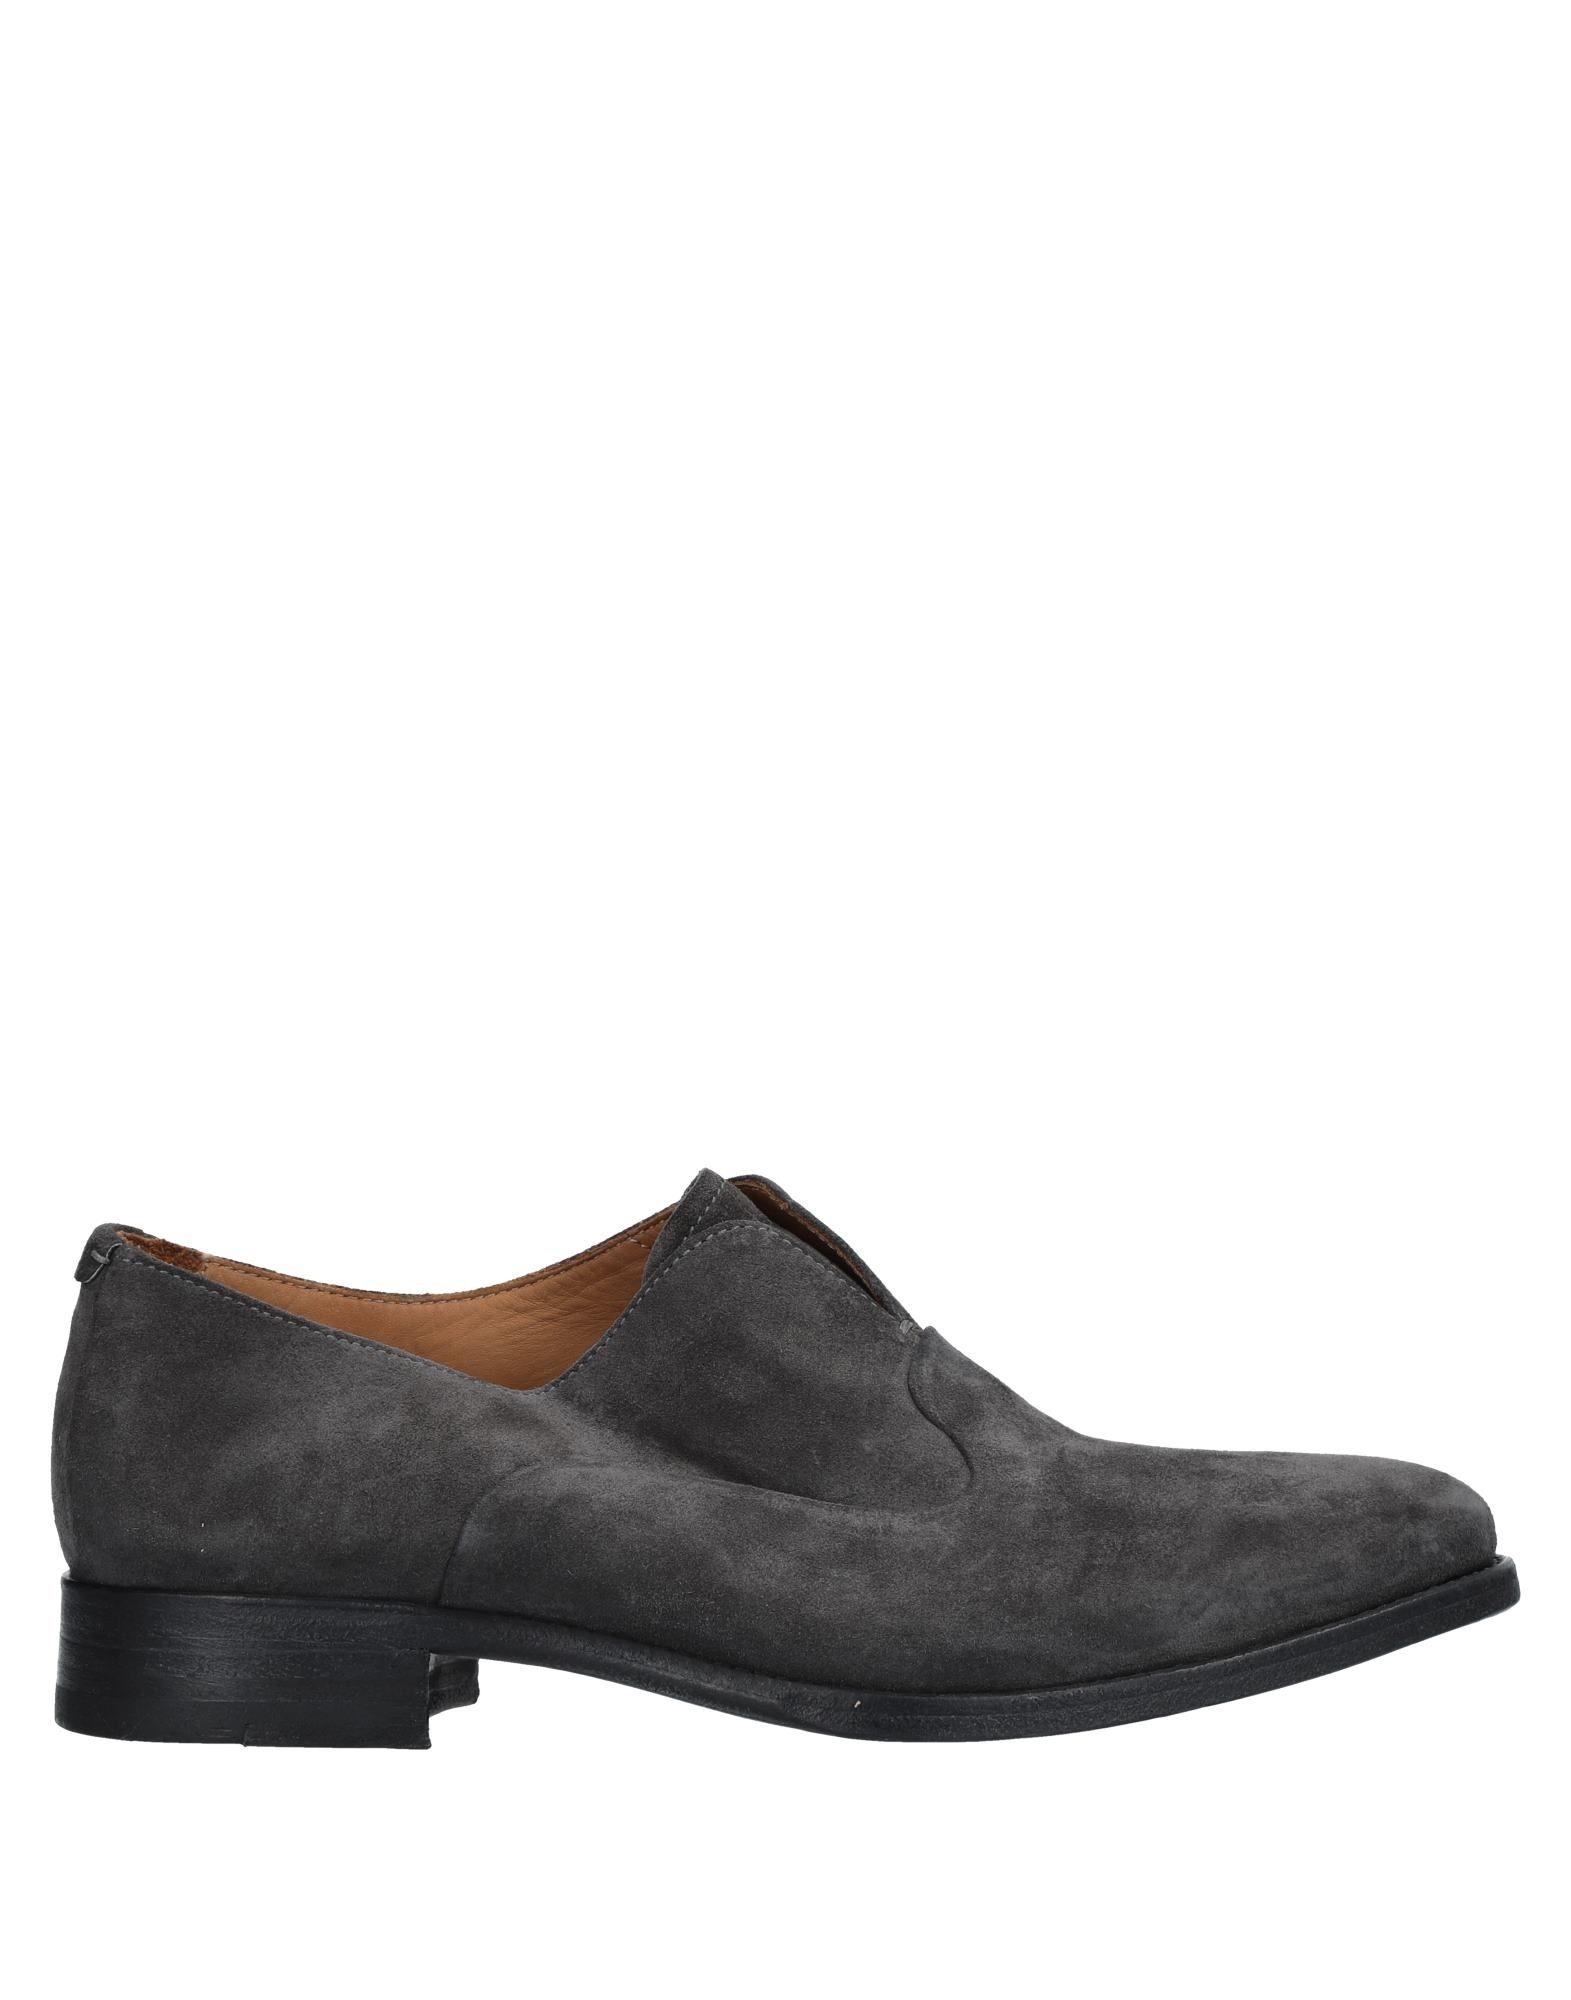 N.D.C. Made By Hand Mokassins Damen Schuhe  11525999CVGut aussehende strapazierfähige Schuhe Damen bffd9b